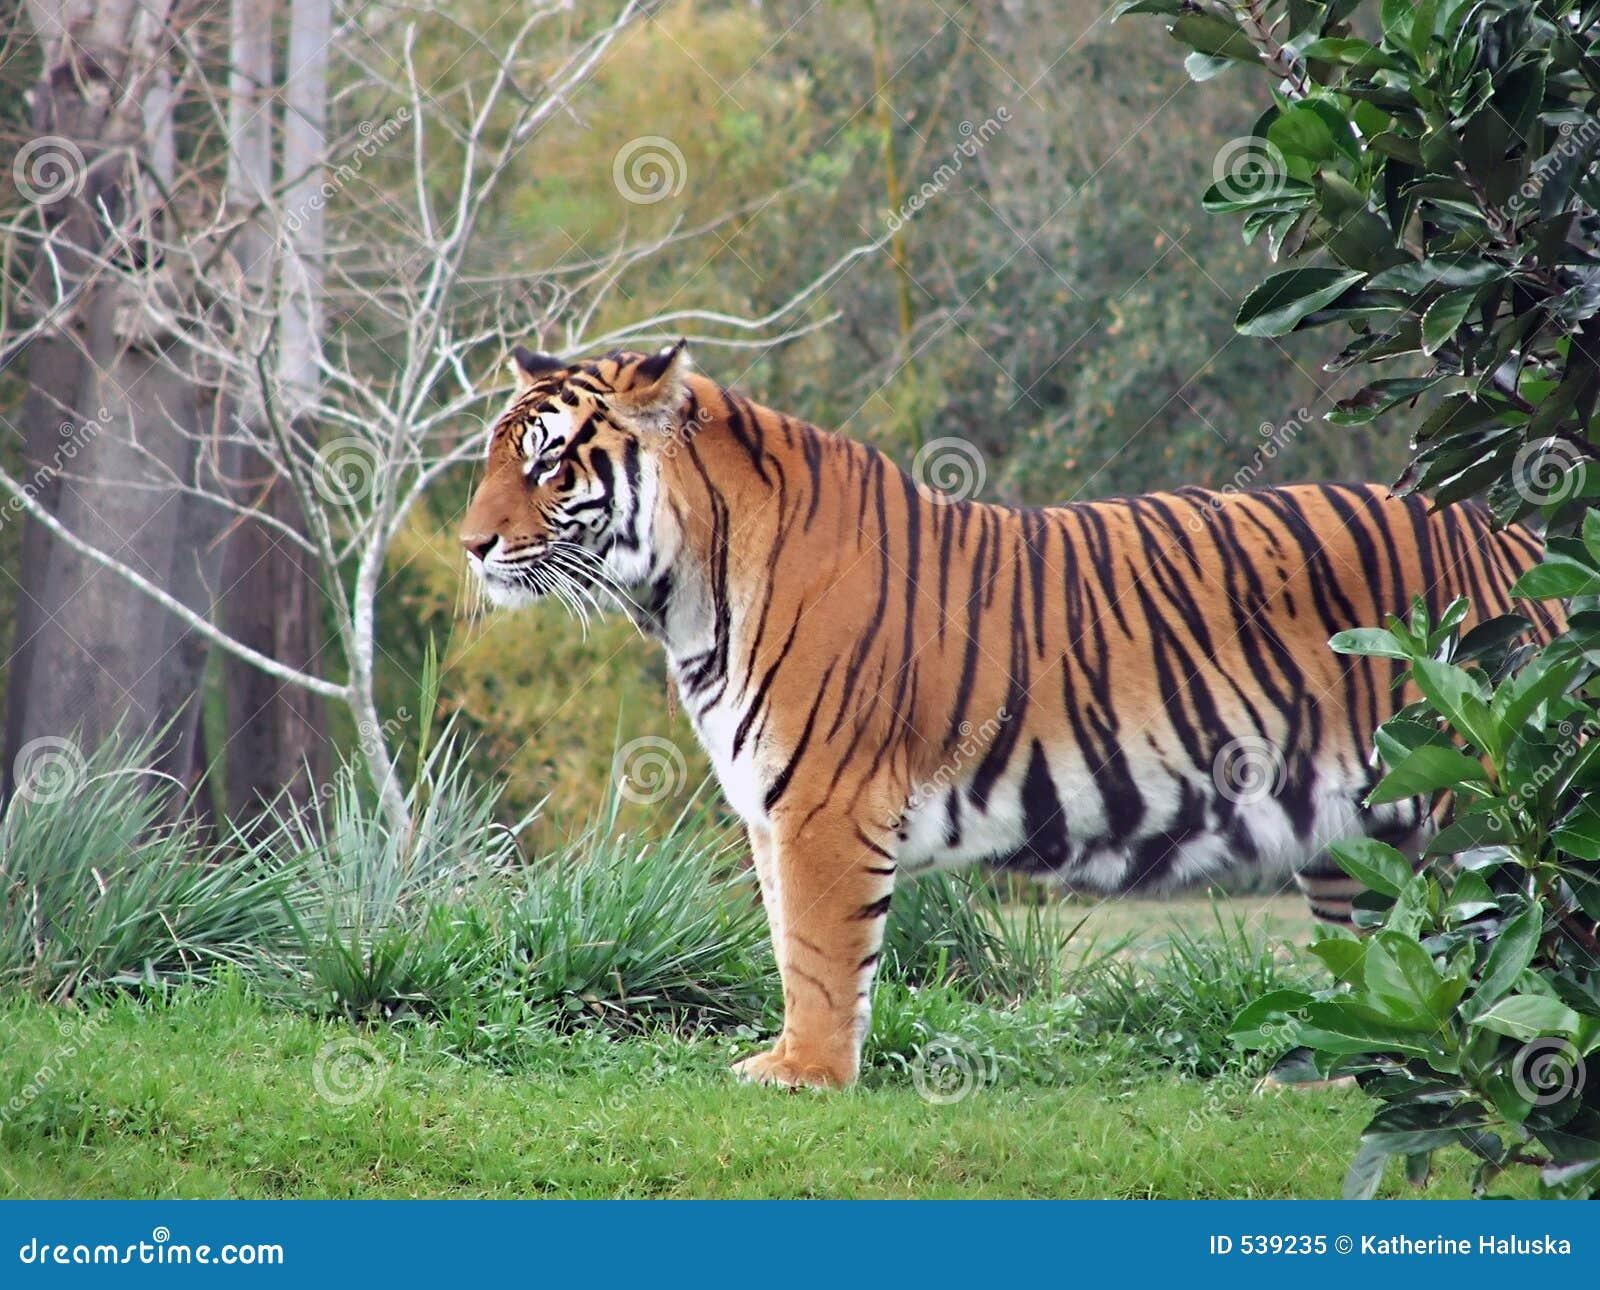 Download 老虎 库存图片. 图片 包括有 次幂, 老虎, 野生生物, 投反对票, 橙色, 似猫, 数据条, 强大, 敌意 - 539235